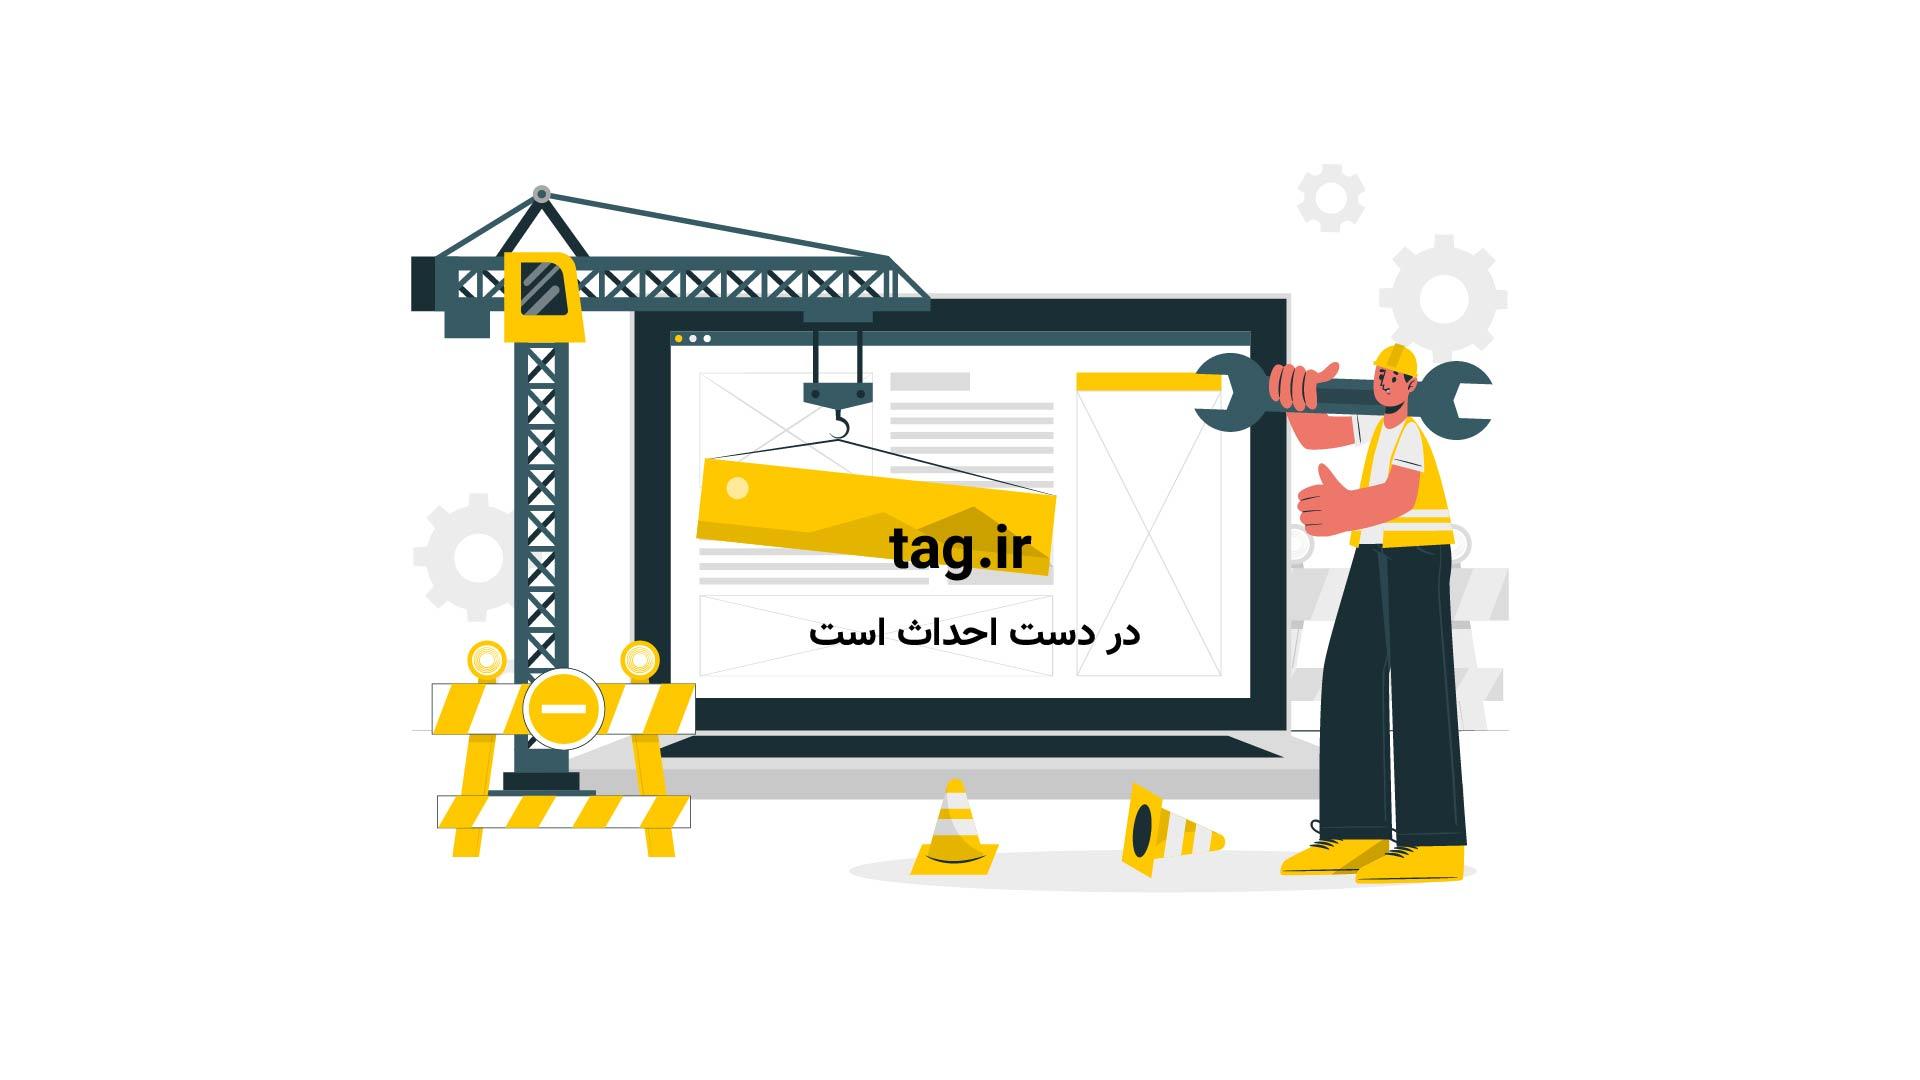 آبشار زیبای فدامی در استان فارس | فیلم